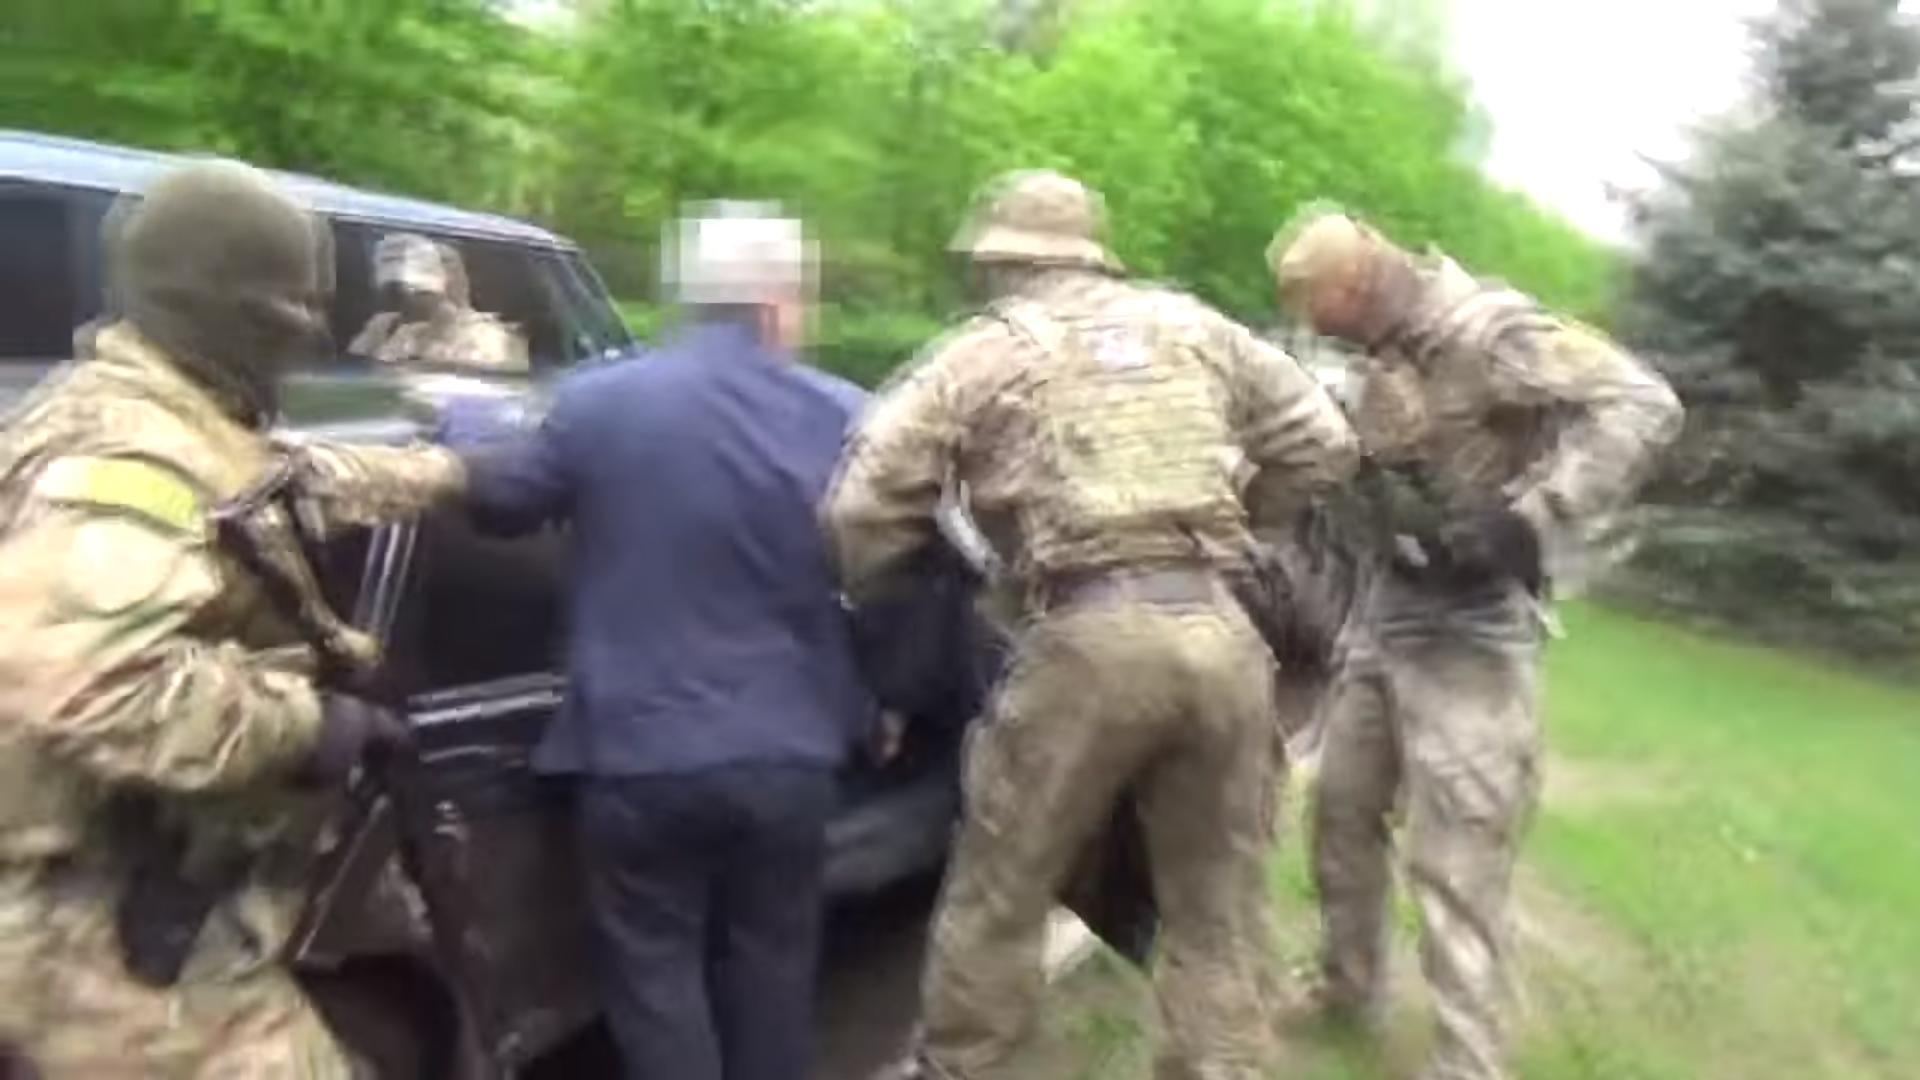 Спецслужбы задержали в зоне АТО на взятке нардепа (ОПЕРАТИВНОЕ ВИДЕО)